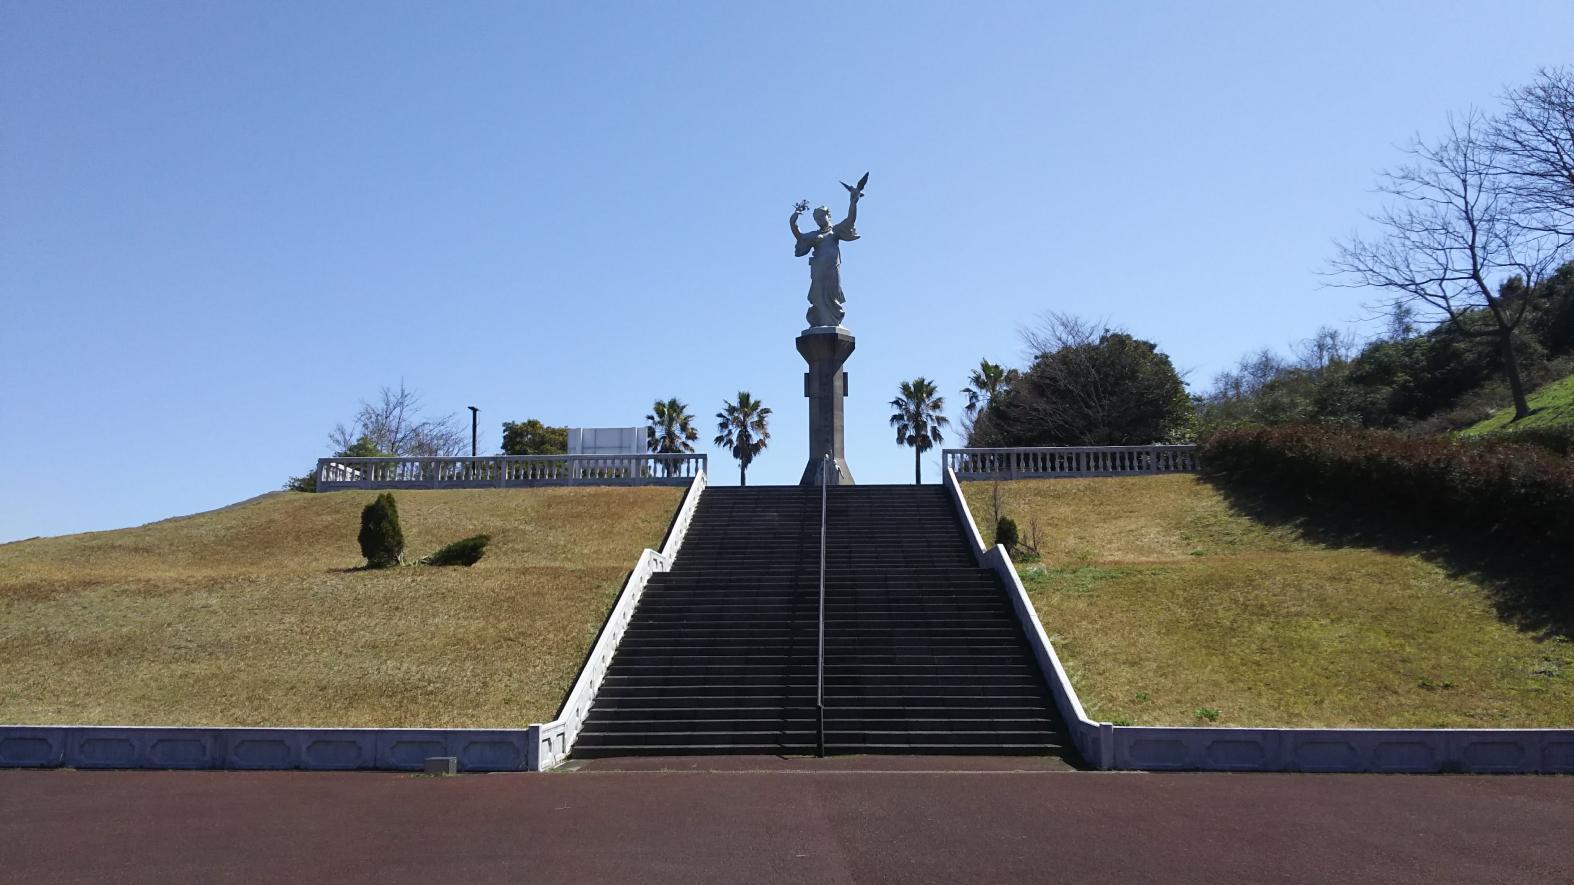 浦頭(うらがしら)引揚記念平和公園-1